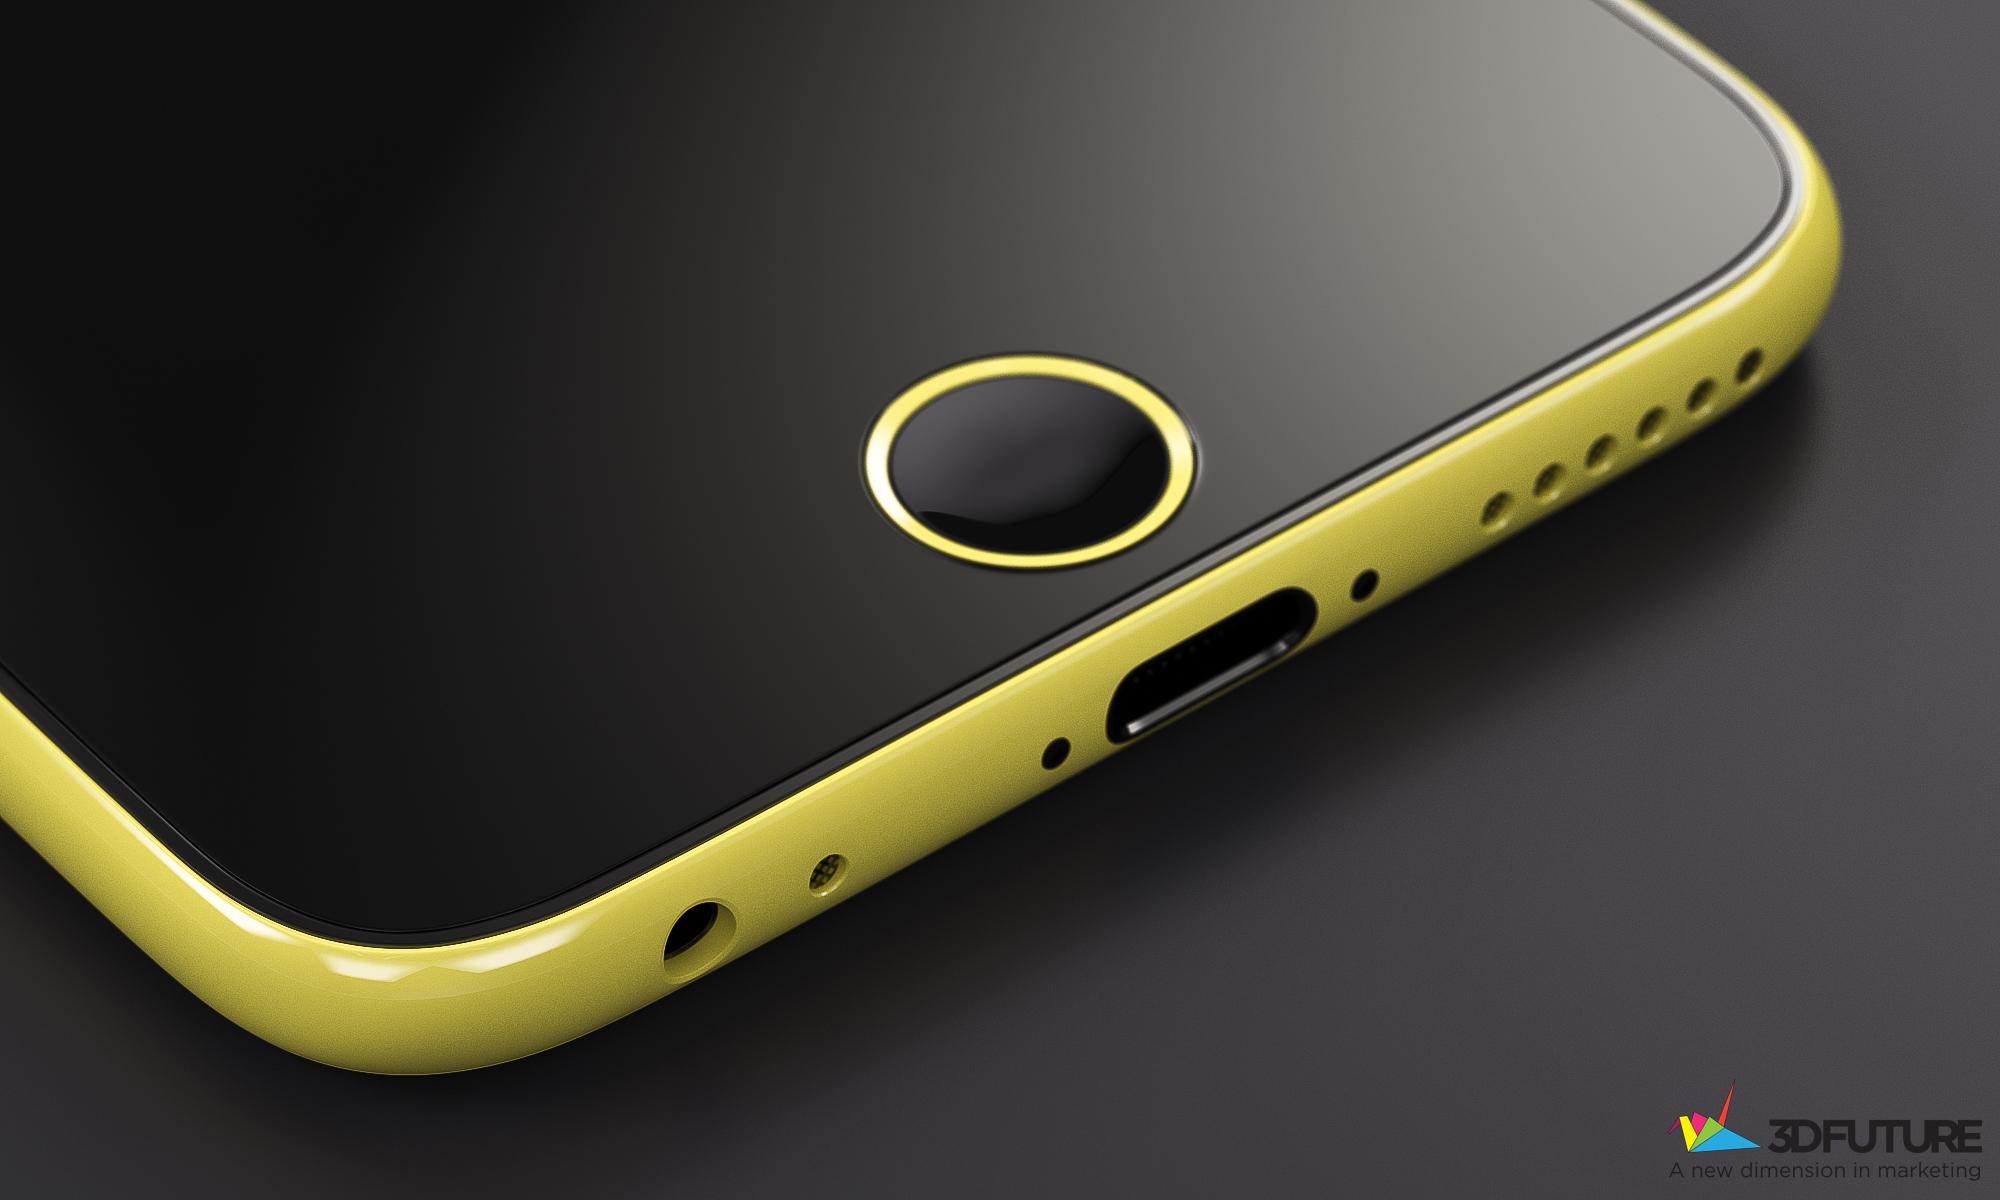 IPhone 6C Konzept Iphone 6c Concept 3d Future 004